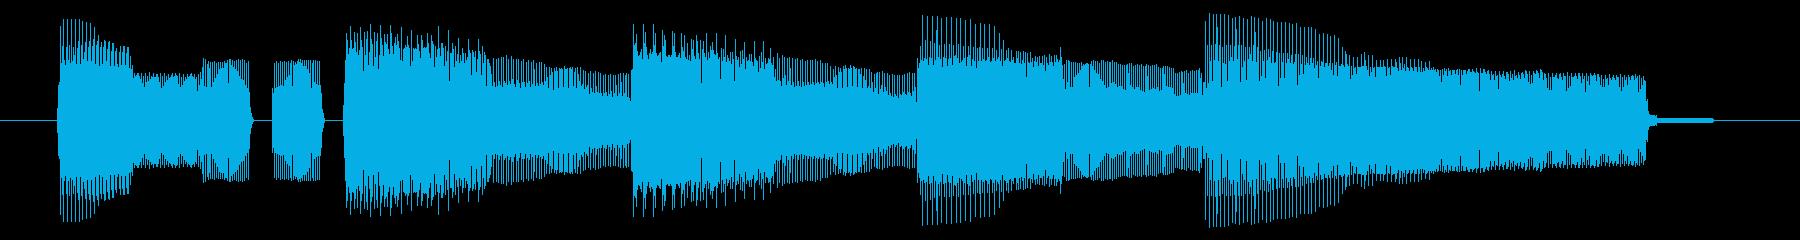 NES 和風 A06-3(ゲームオーバーの再生済みの波形